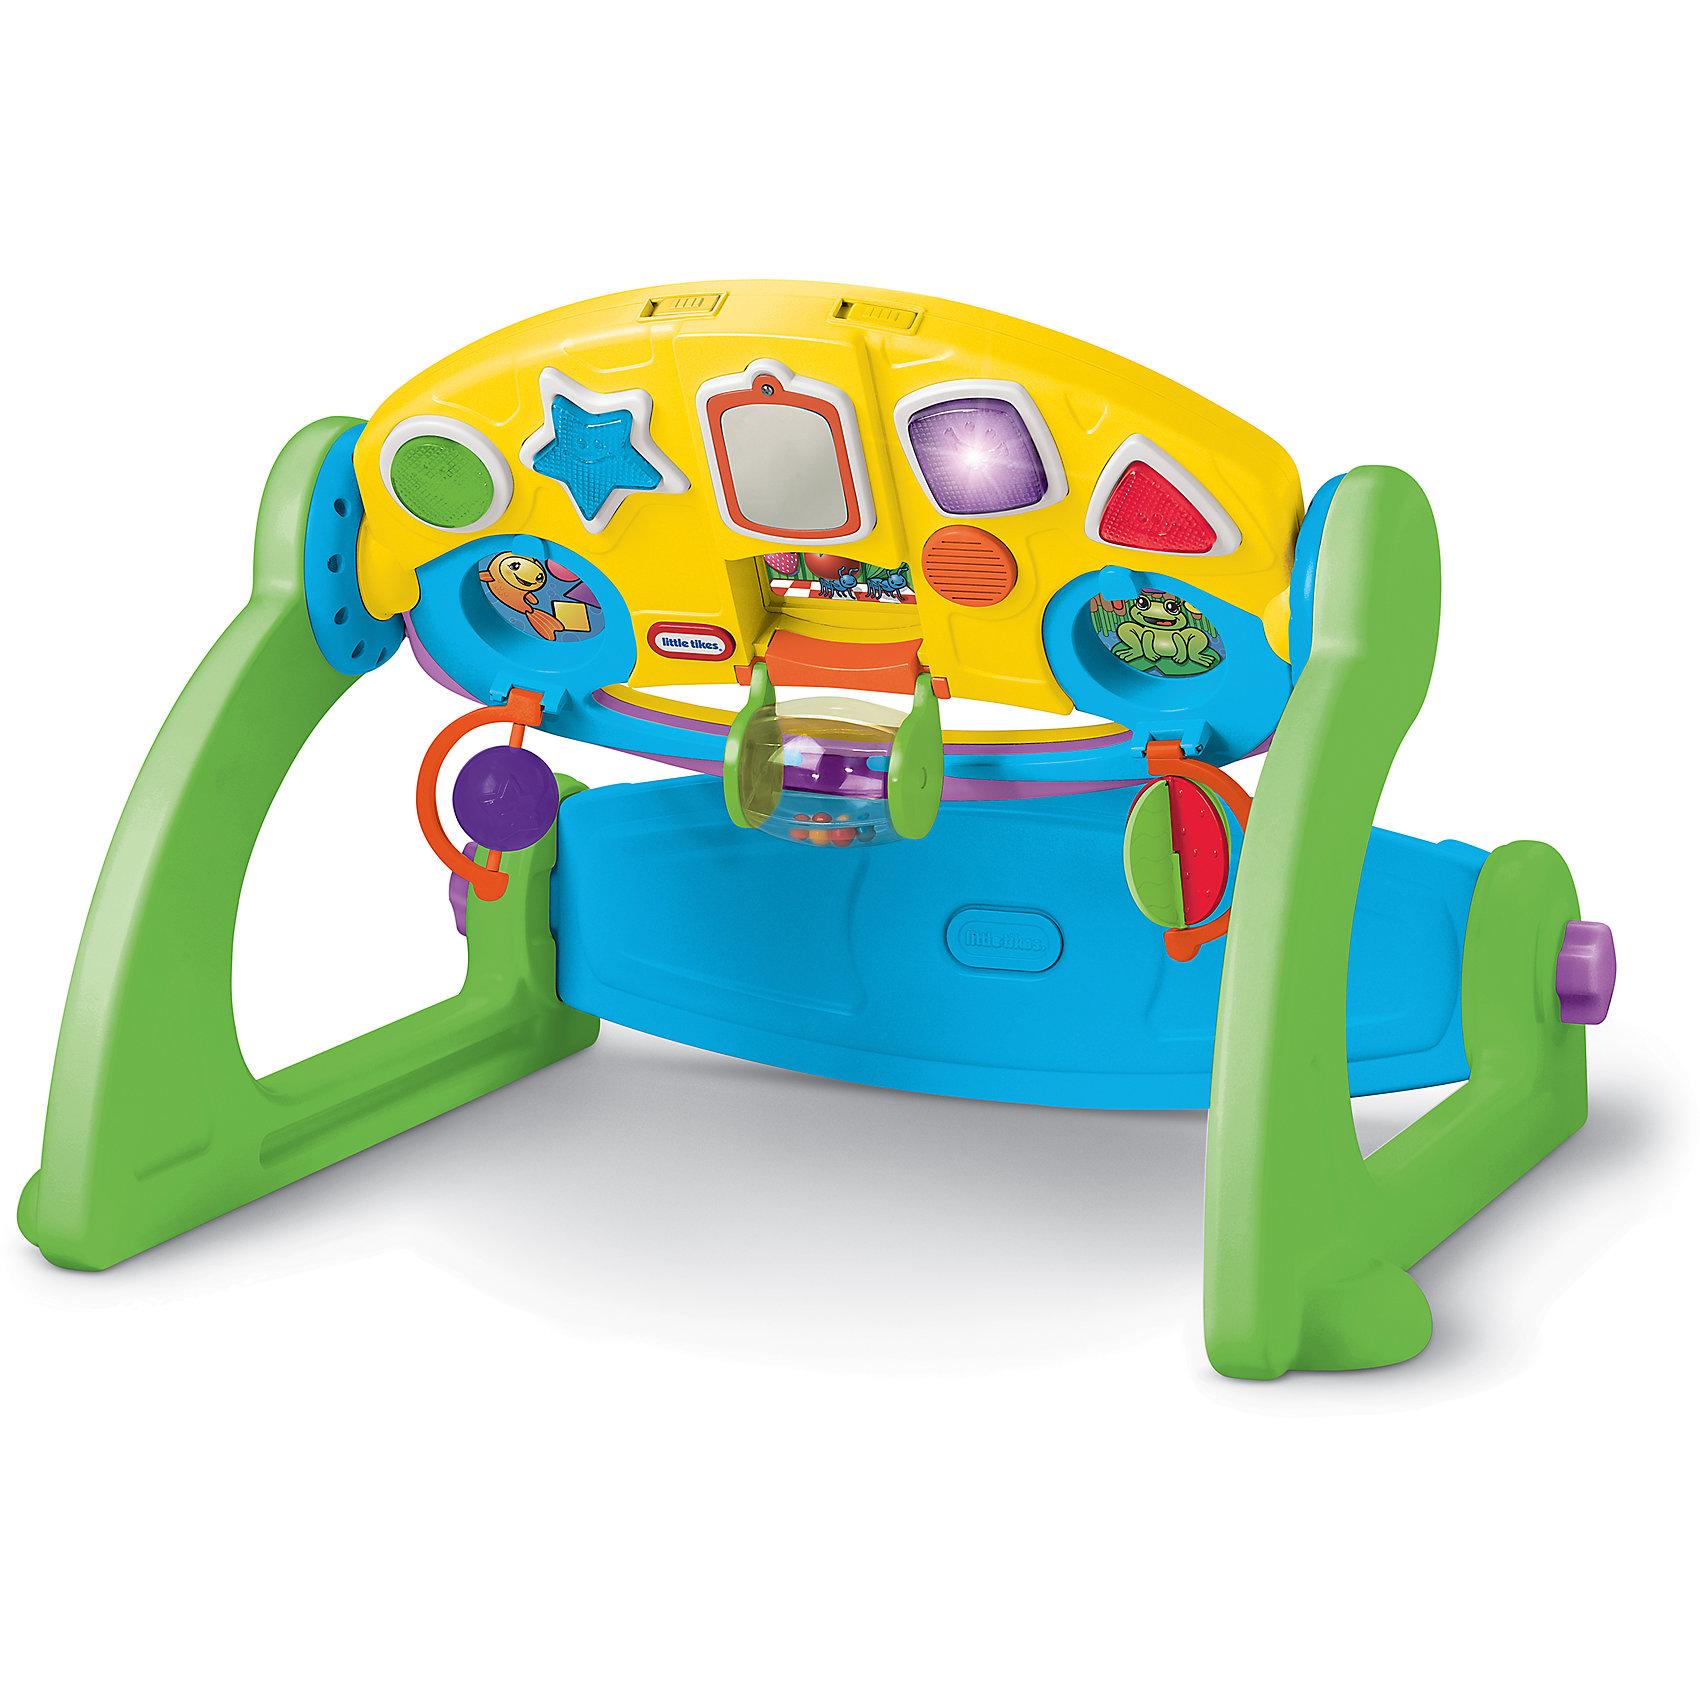 Регулируемый развивающий центр, Little TikesИгрушки для малышей<br>Универсальный игровой центр  для малышей от самого рождения до трёх лет. Игровая панель может устанавливаться как перпендикулярно полу, так и параллельно в виде столика. Развивает мелкую моторику, способствует умственному росту ребёнка, формированию абстрактного мышления, развитию фантазии и воображения. Развивающий центр имеет несколько способов установки, соответствующих стадиям развития ребенка: классический развивающий центр, активность сидя, центр-стройка, столик для игр; 12 регулируемых настроек. Игровая панель светится разноцветными огоньками и проигрывает музыку. <br><br>Дополнительная информация:<br><br>- Материал: пластик, металл.<br>- Размер упаковки: 60,5 х 38 х 15 см.<br>- Размер игрового столика: 45х29 см. <br>- Элемент питания: 3 АА батарейки (не входят в комплект).<br>- Звуковые и световые эффекты. <br><br>Регулируемый развивающий центр, Little Tikes, можно купить в нашем магазине.<br><br>Ширина мм: 610<br>Глубина мм: 385<br>Высота мм: 155<br>Вес г: 3833<br>Возраст от месяцев: 12<br>Возраст до месяцев: 48<br>Пол: Унисекс<br>Возраст: Детский<br>SKU: 4278432